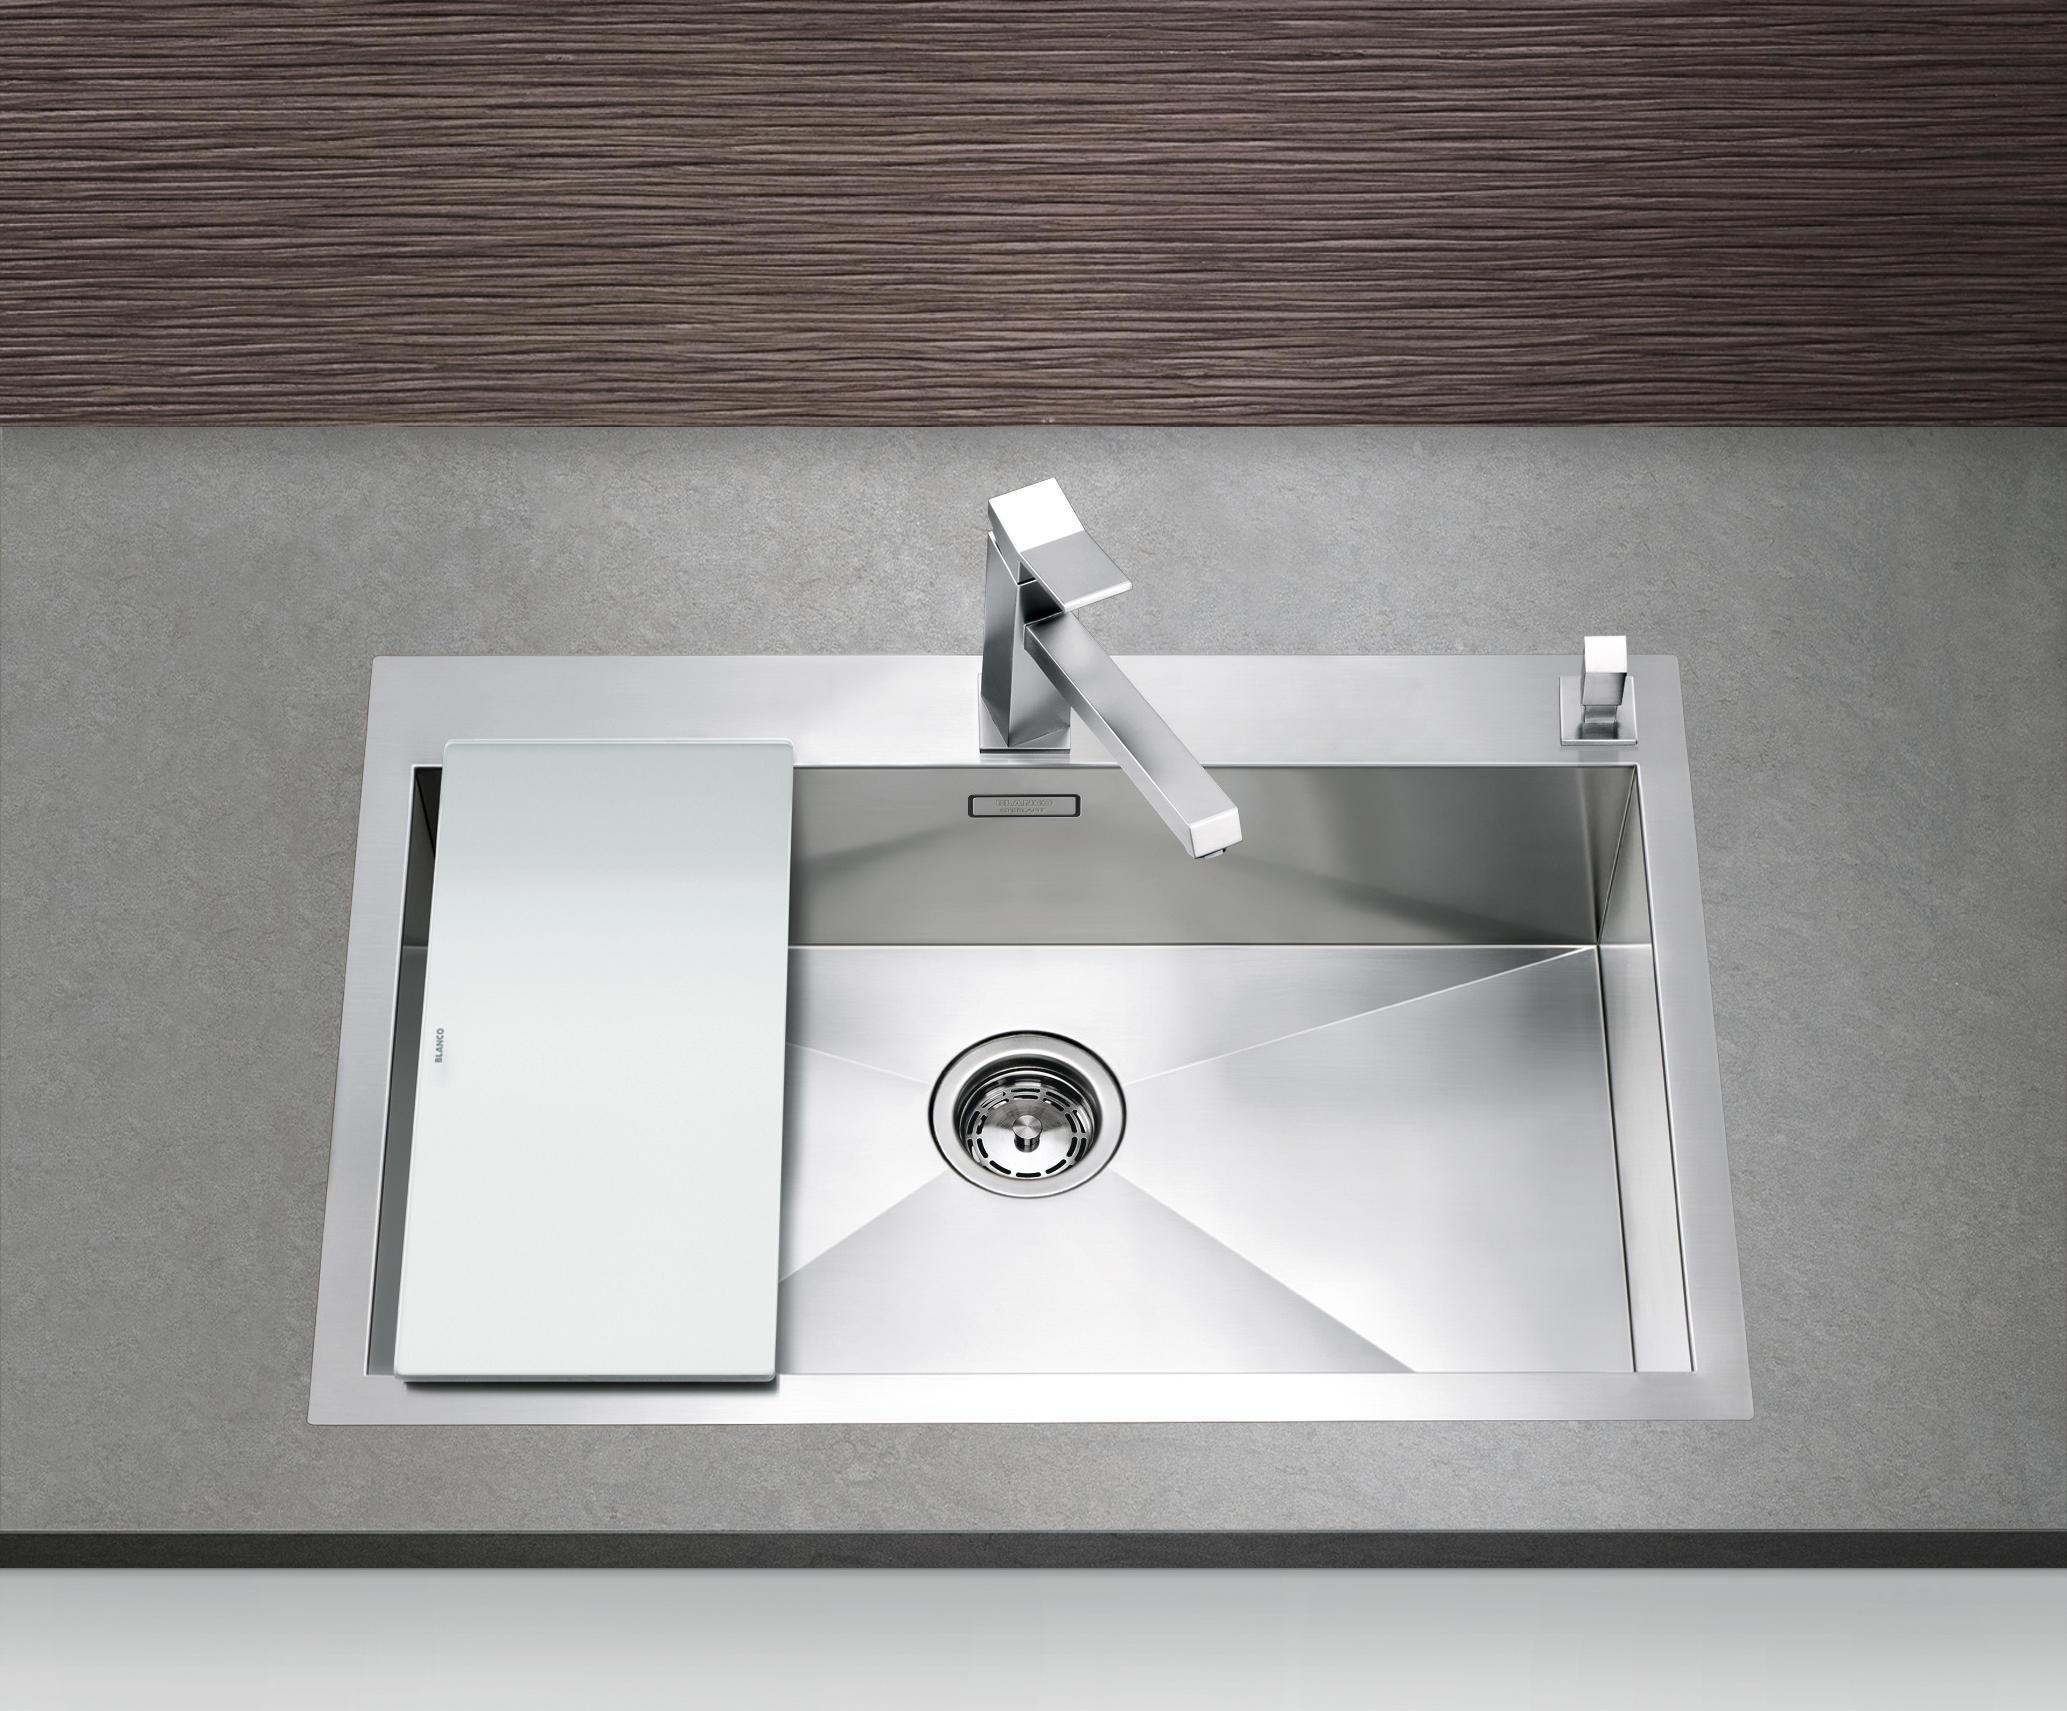 Blanco zerox 700 u stainless steel undermount sink -  Blanco Zerox 180 If By Blanco